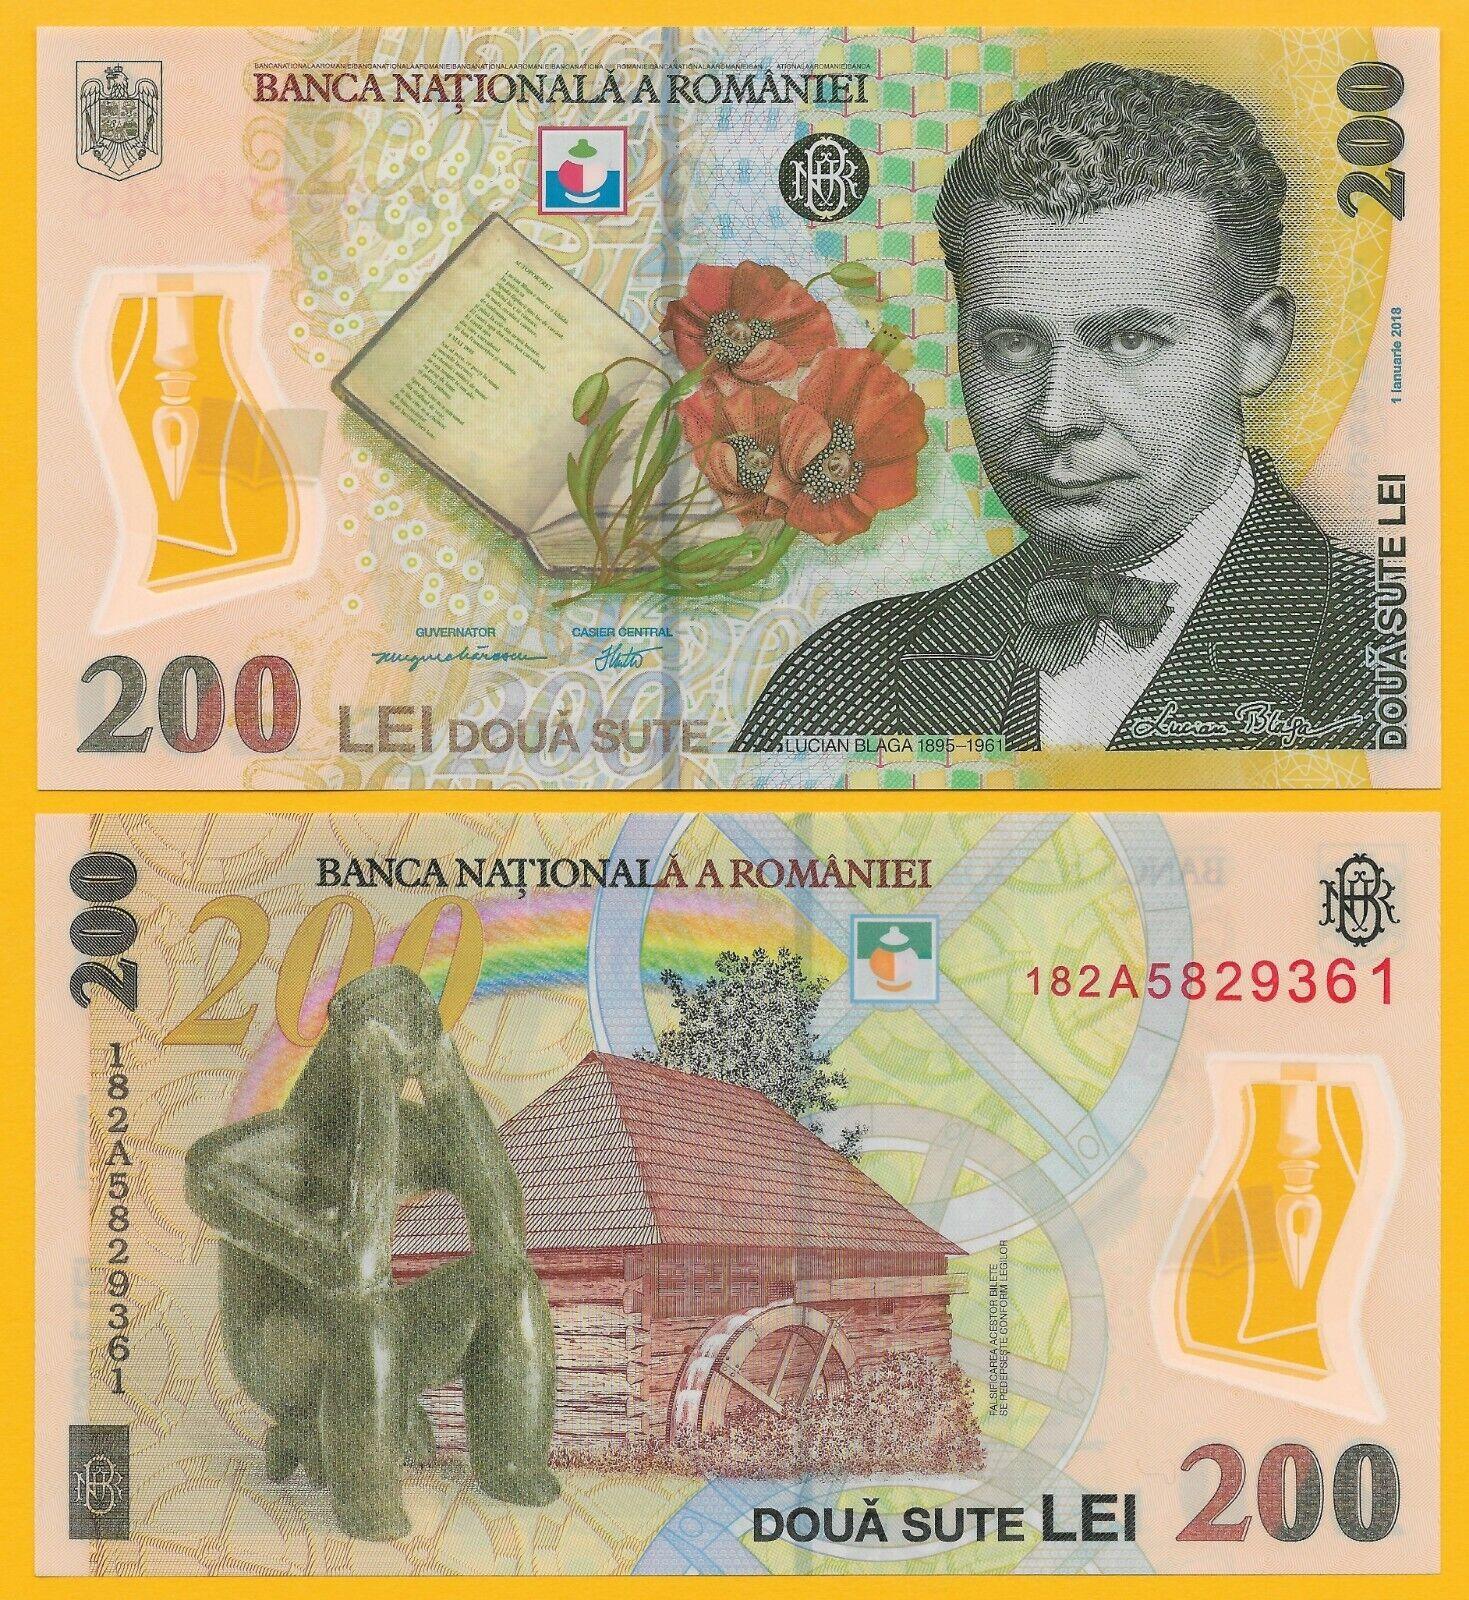 Romania BUNDLE 100 x 1 Leu 2005 POLYMER Banknote P-117 UNC Romanian lot 117b